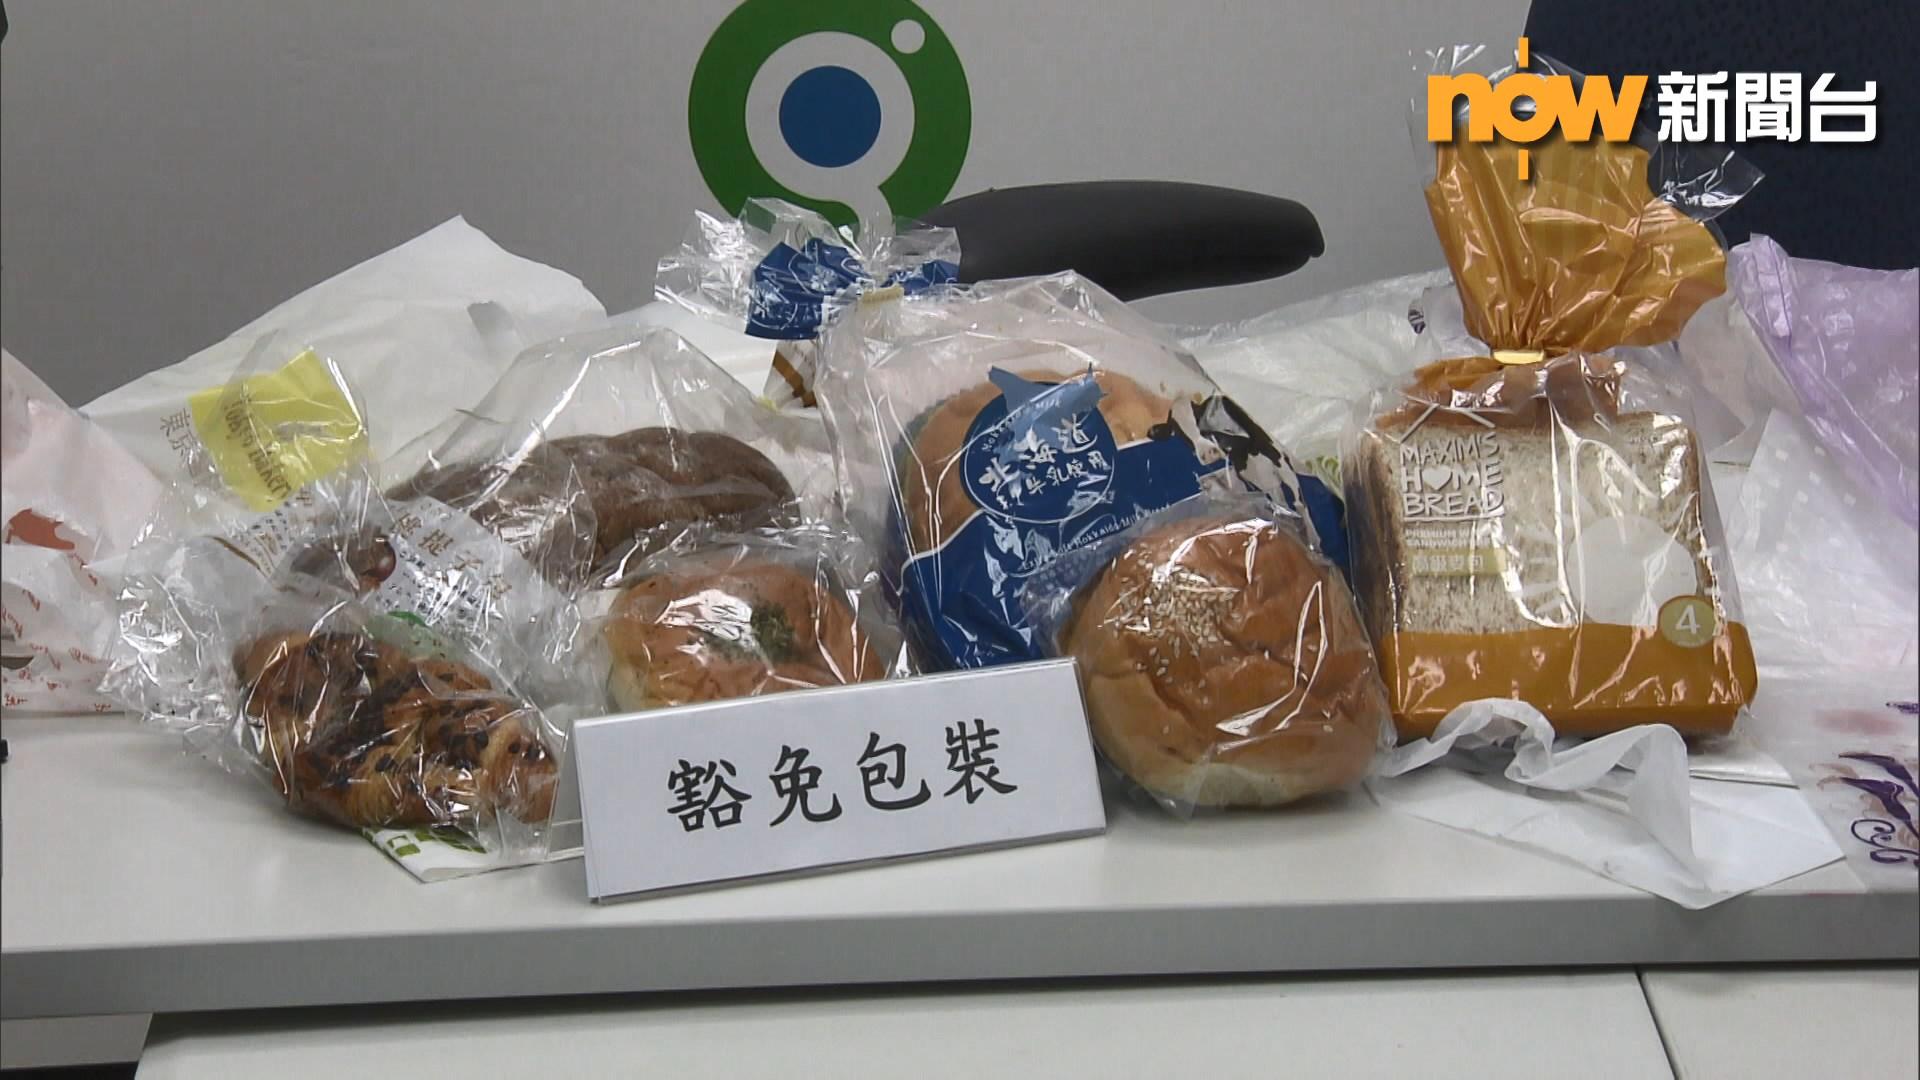 團體促政府檢討麵包膠袋豁免安排